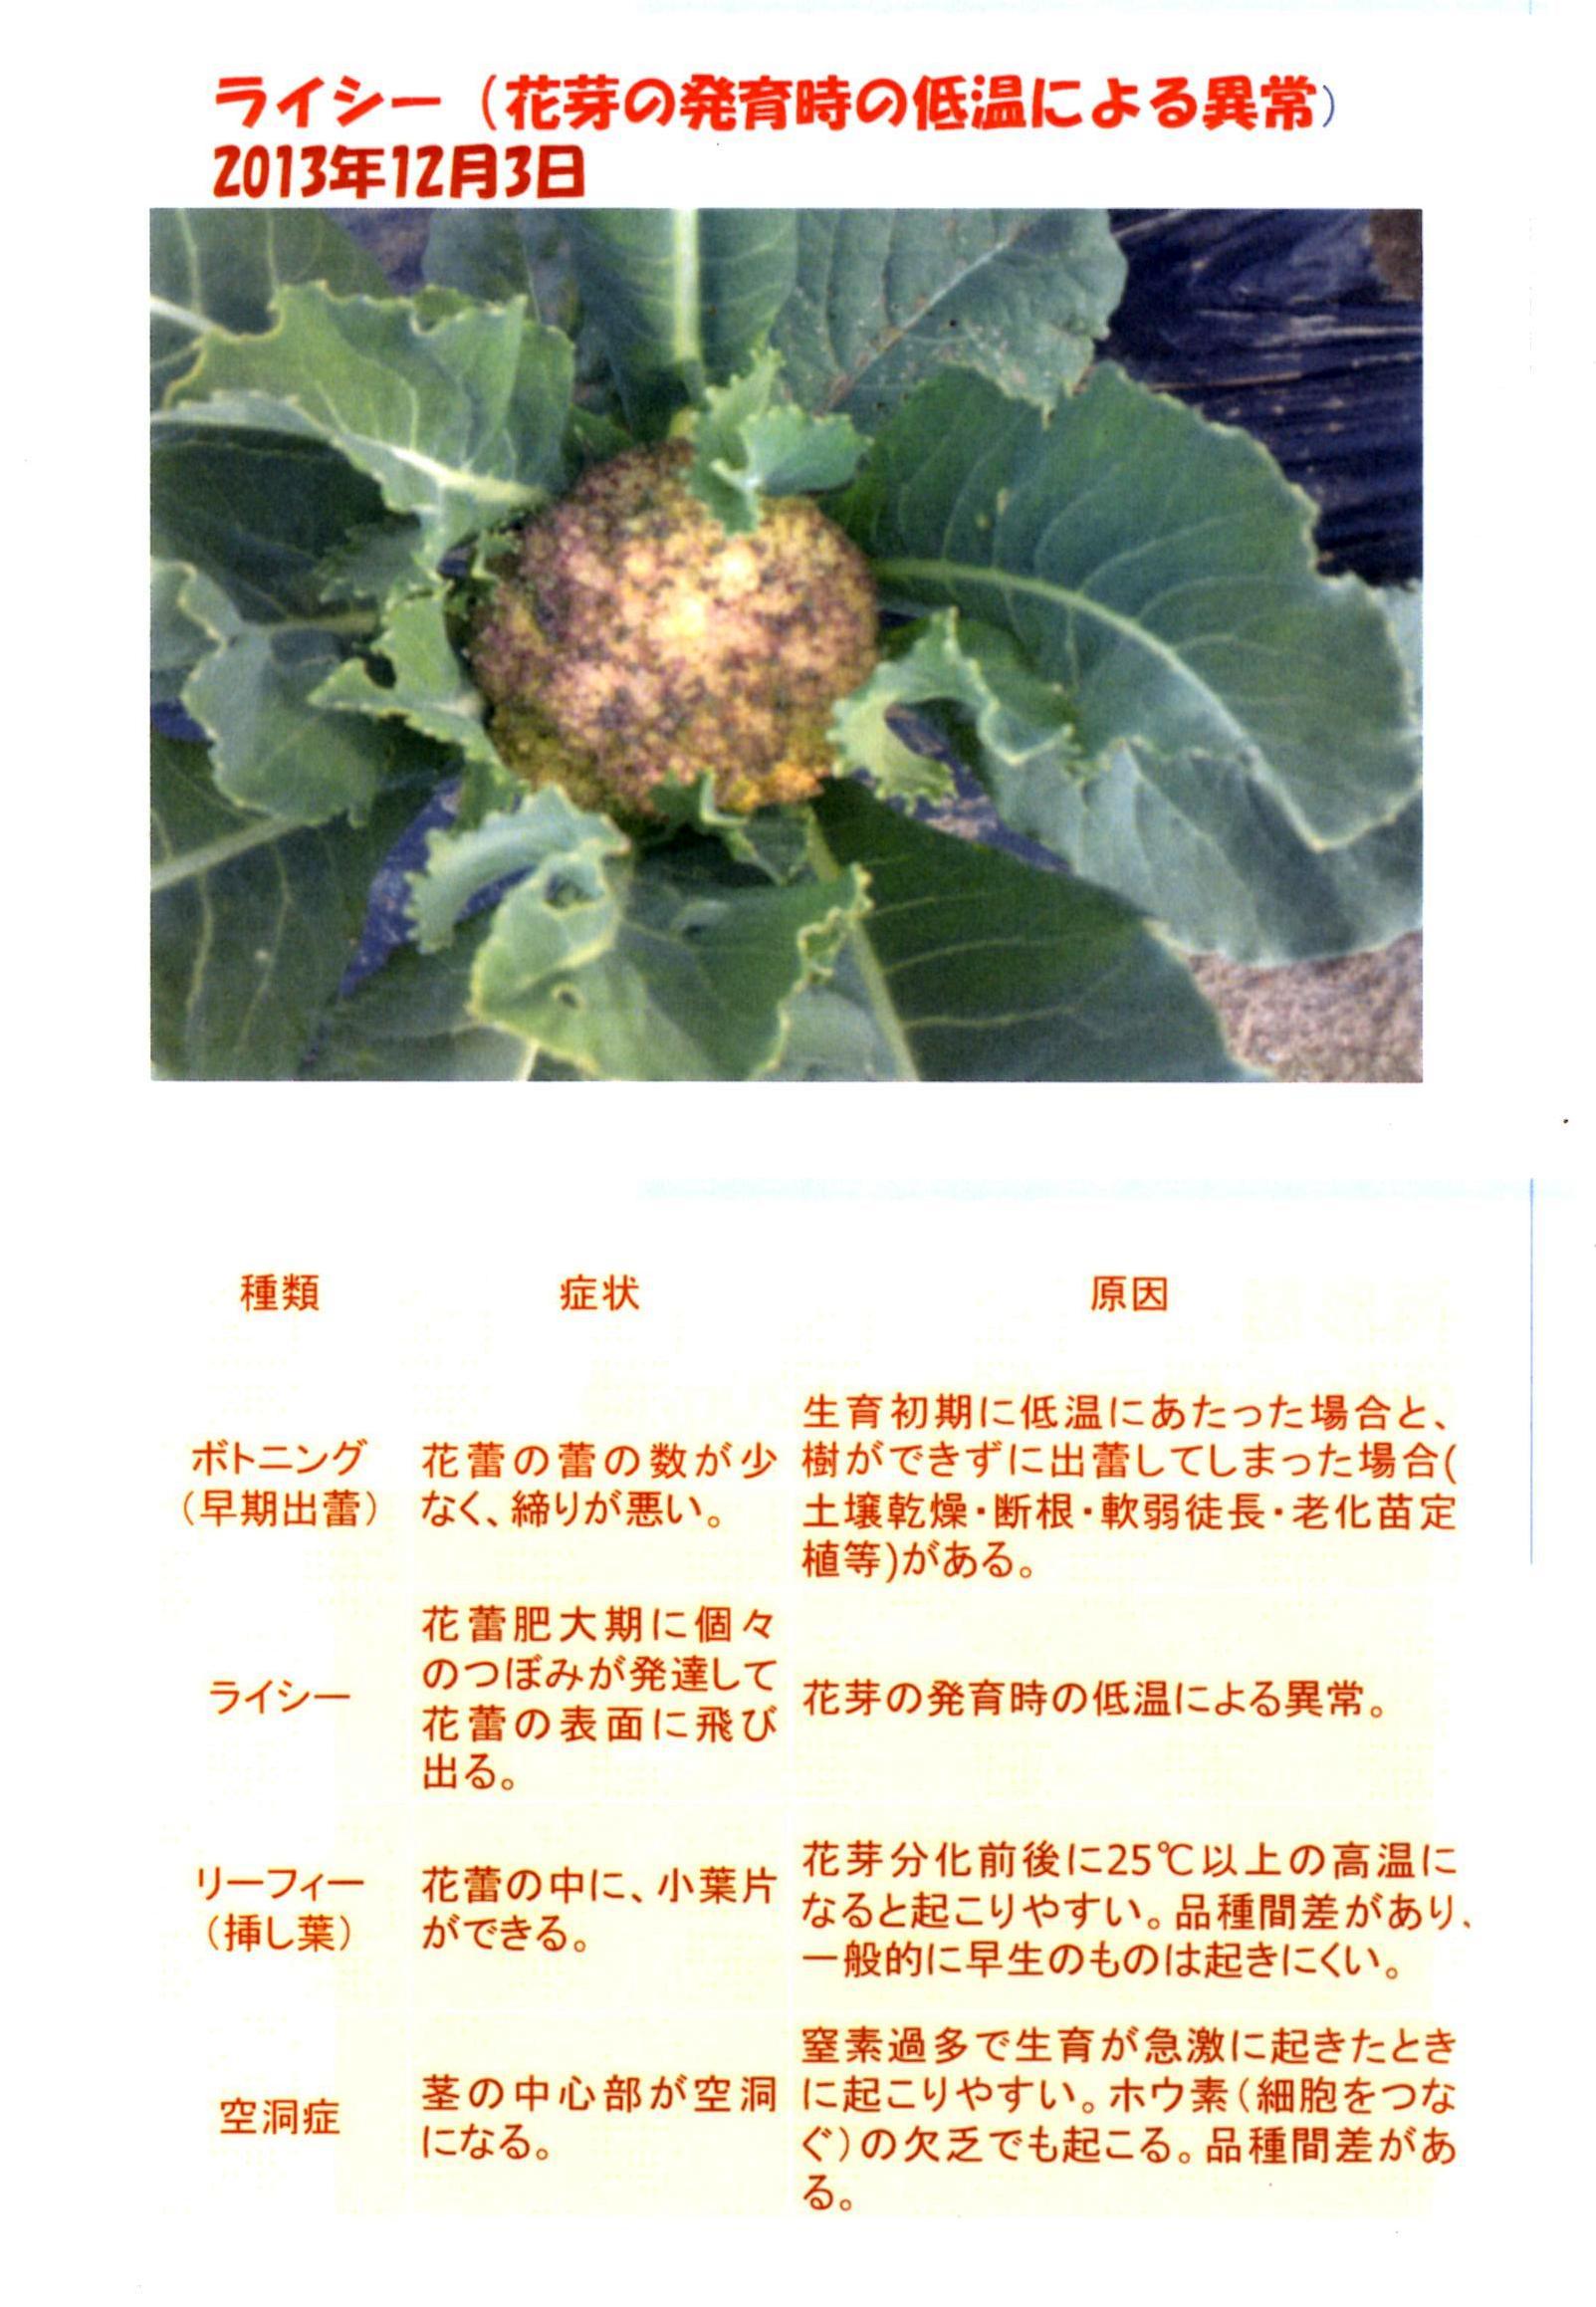 karifu-deta12.jpg